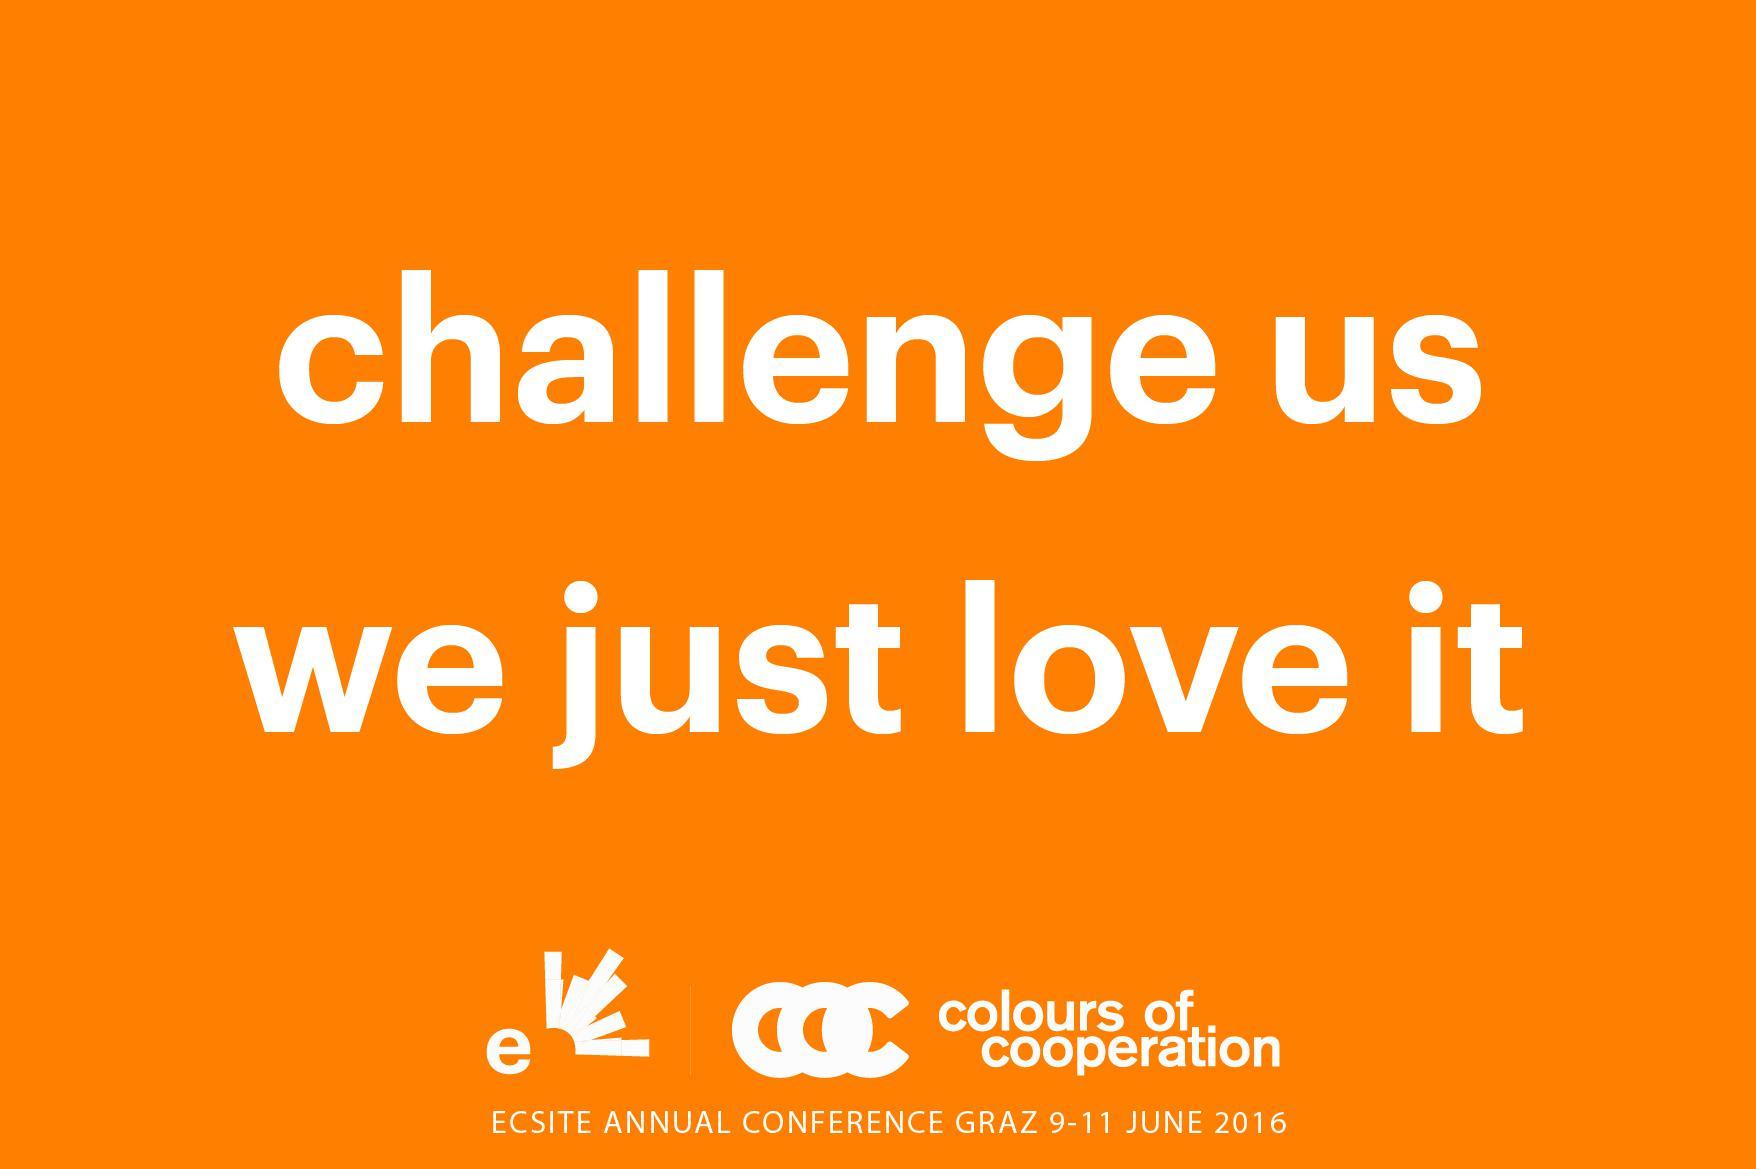 Challenge us, we just love it #Ecsite2016